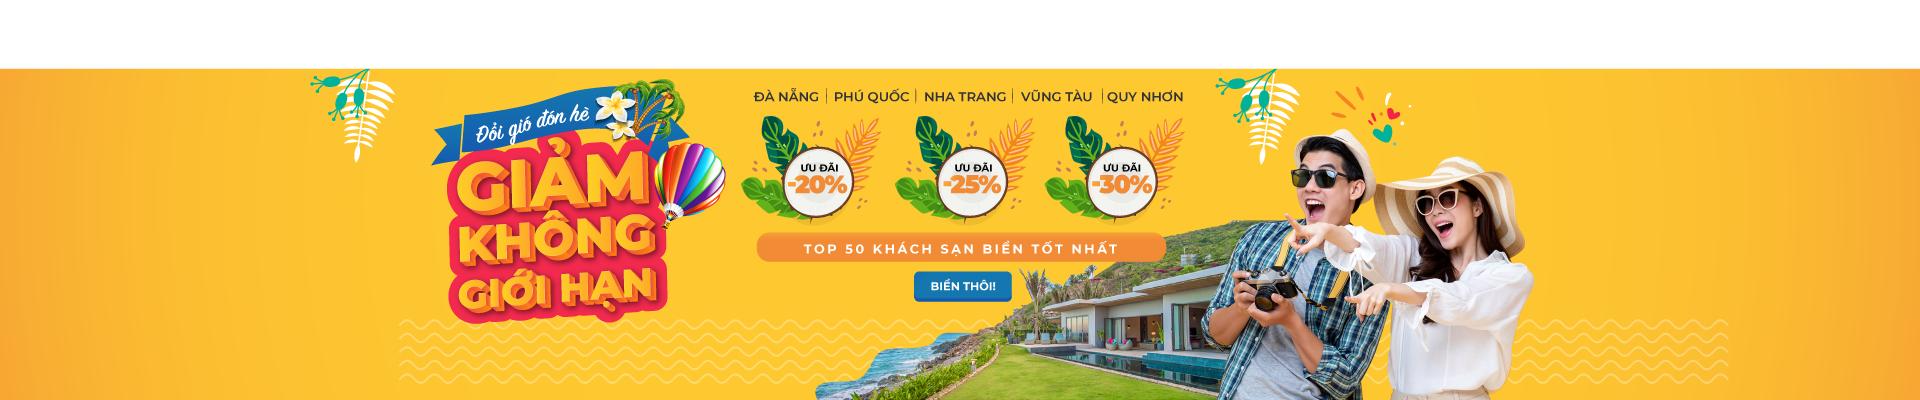 Đổi gió đón hè – Siêu giảm giá 30% không giới hạn với top khách sạn biển giá tốt nhất